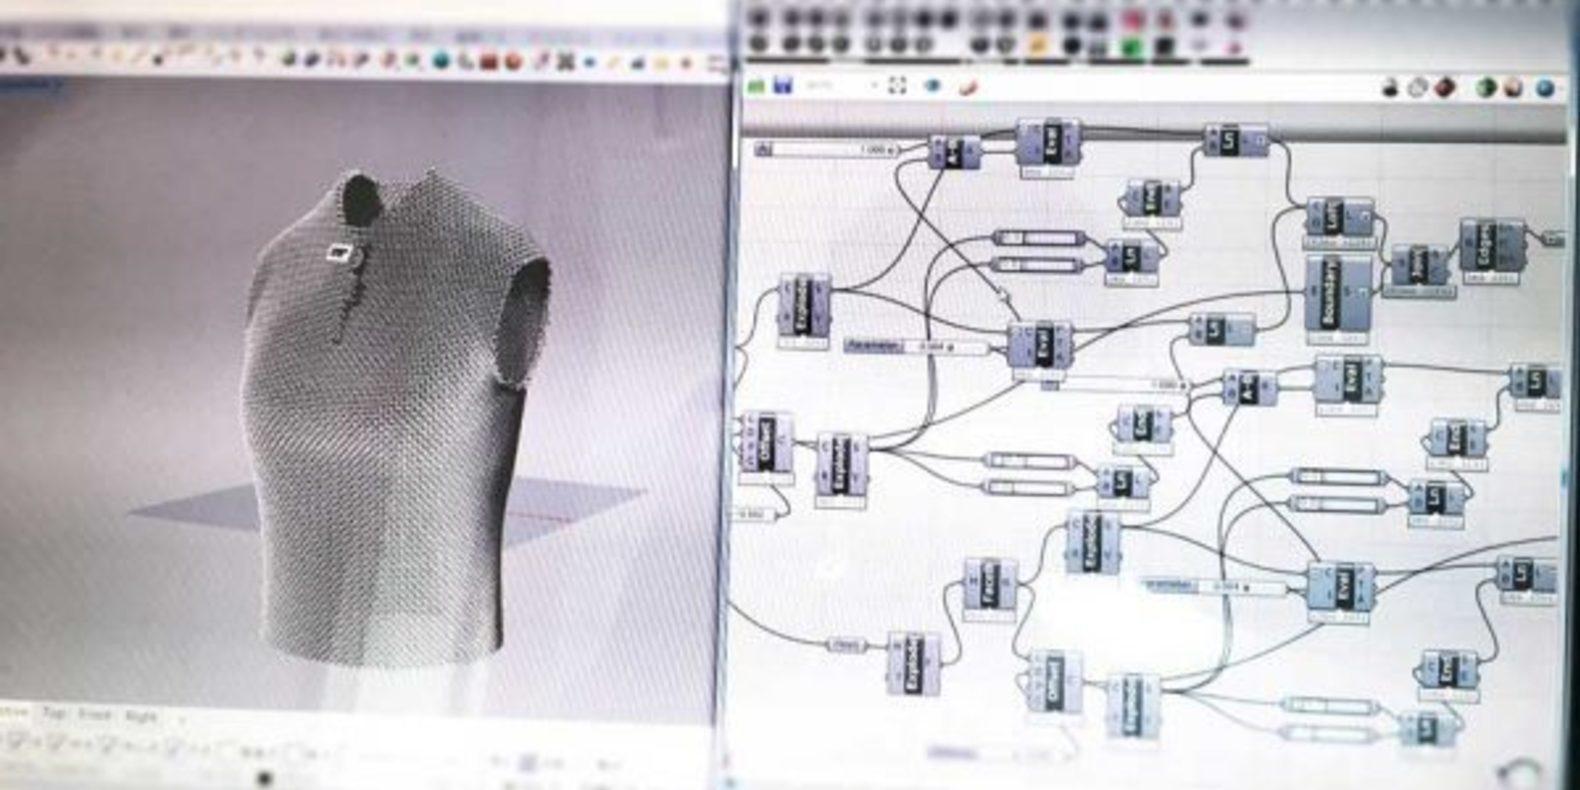 amimono-vetement-imprimes-en-3d-impression-3d-japanese-designers-cults-fichier-3d-mode-3d-printing-4